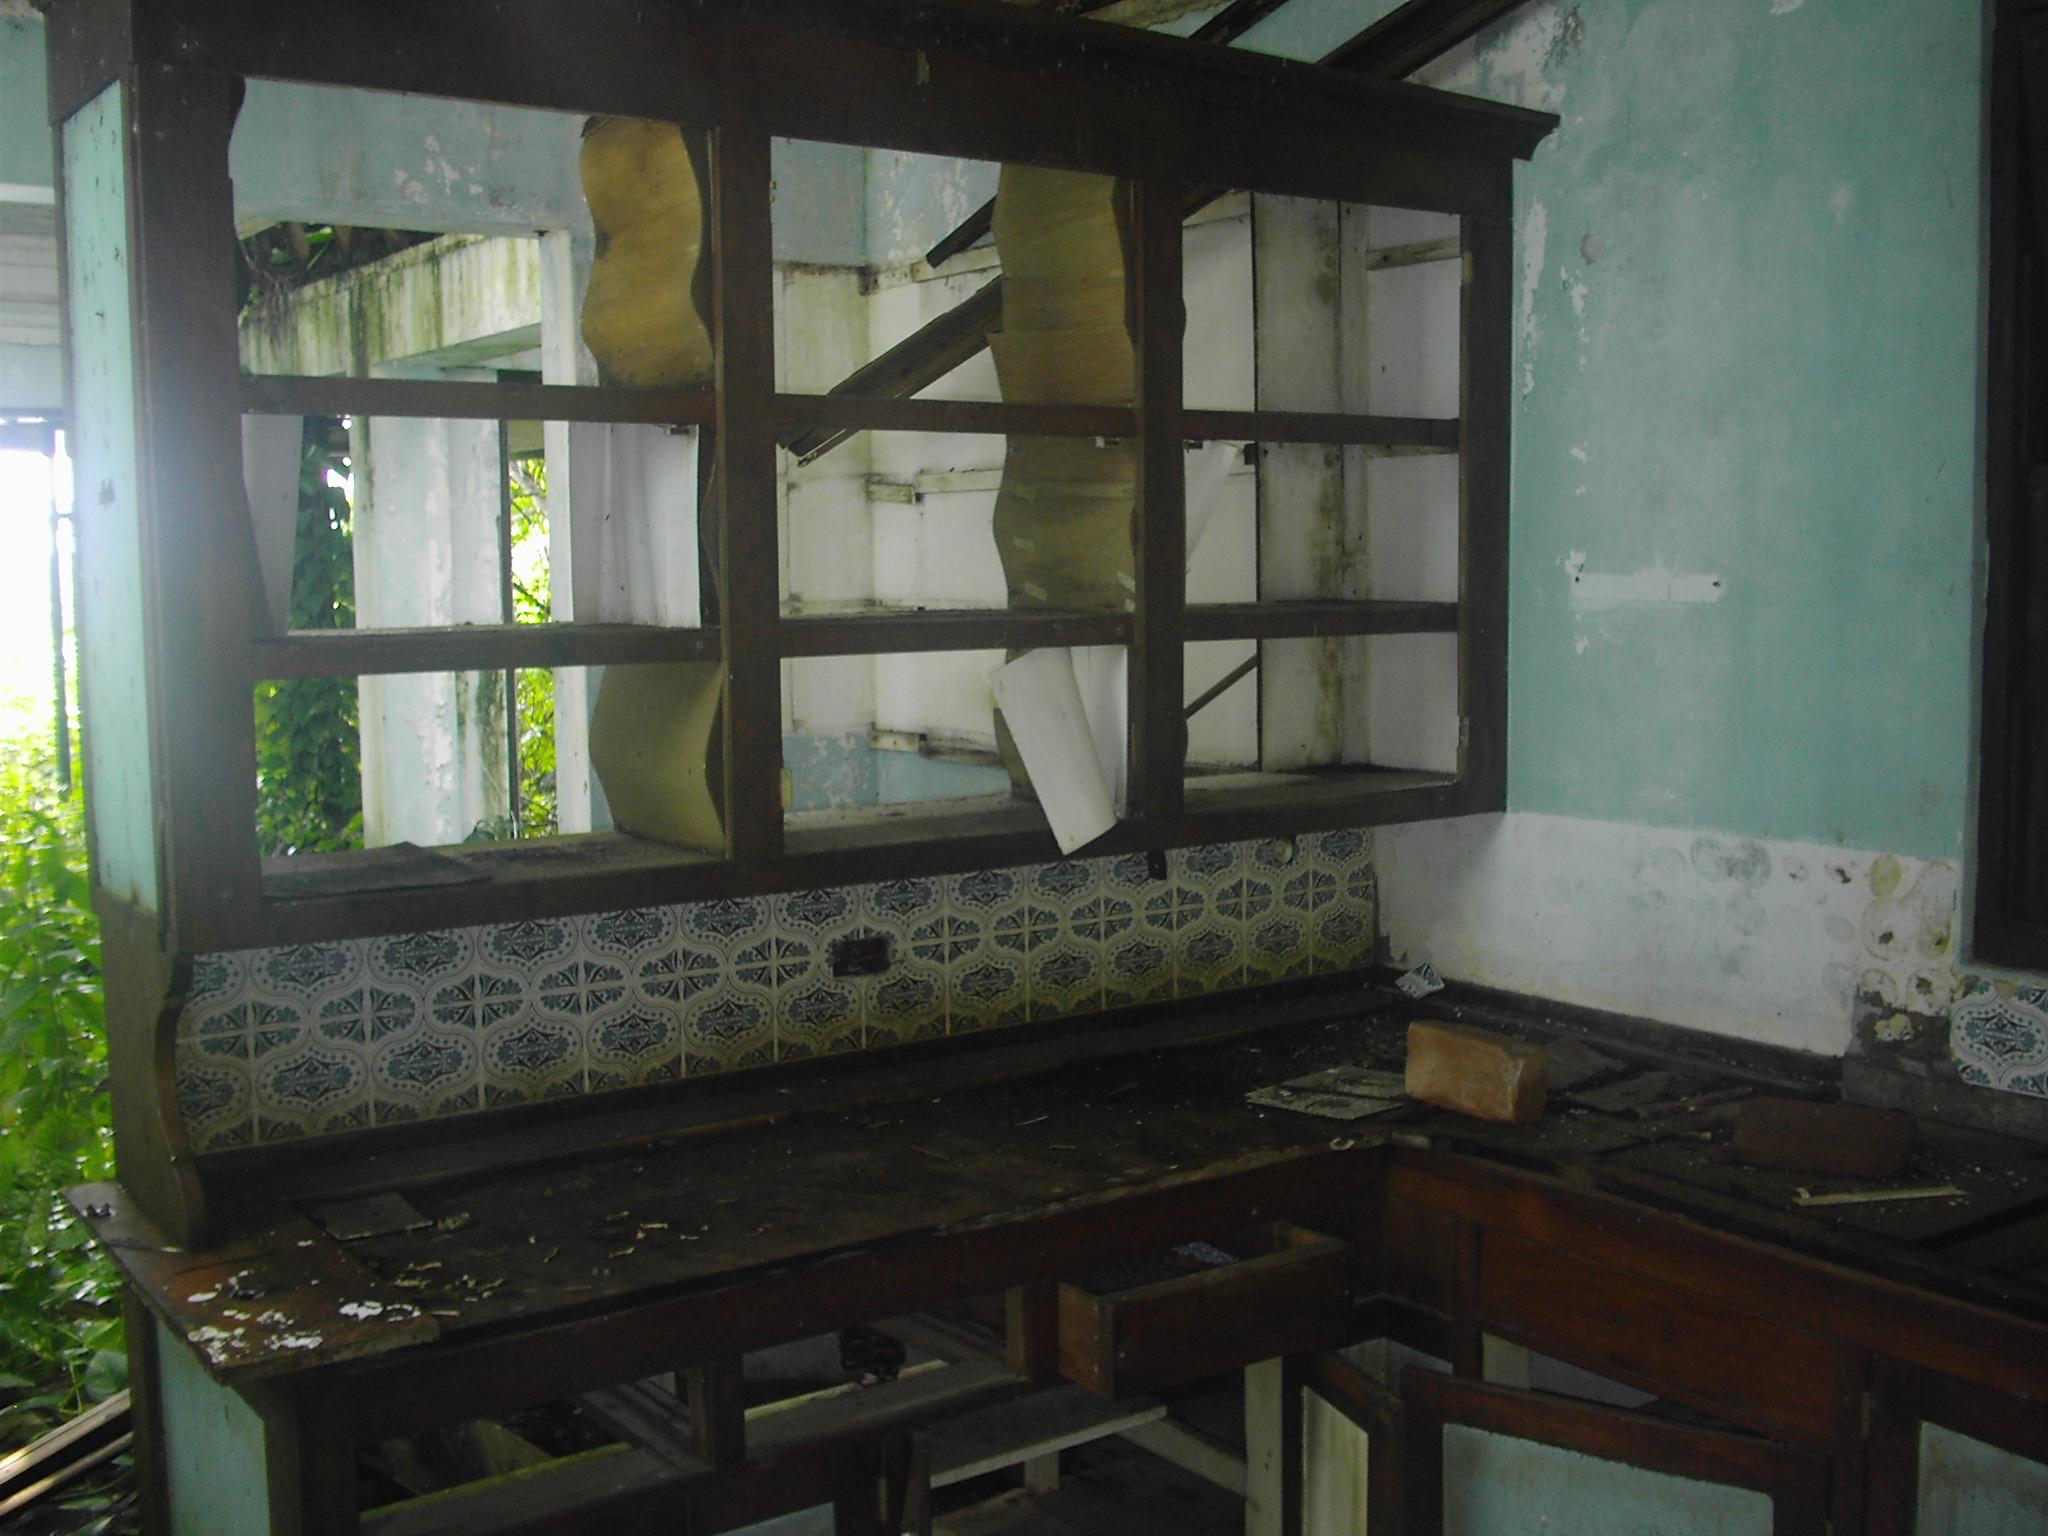 Errol S Kitchen